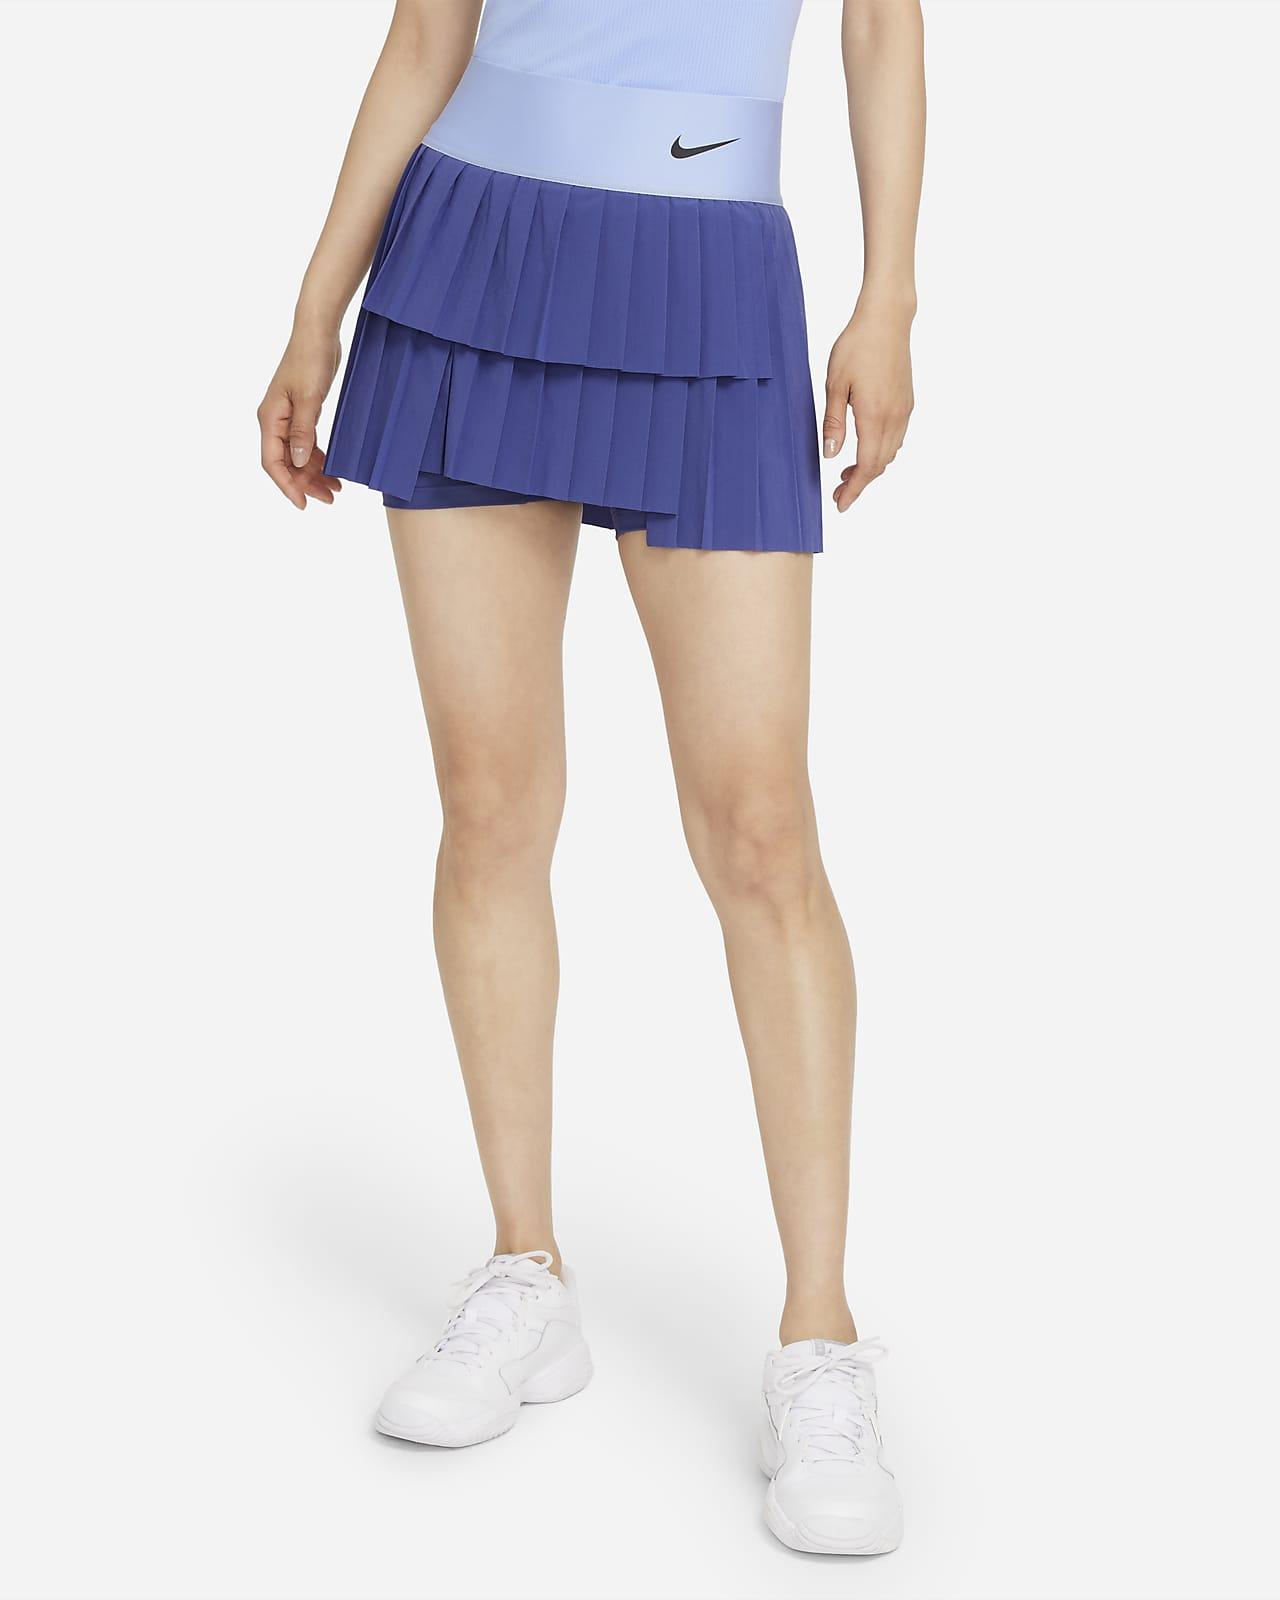 ナイキコート アドバンテージ ウィメンズ プリーテッド テニススカート